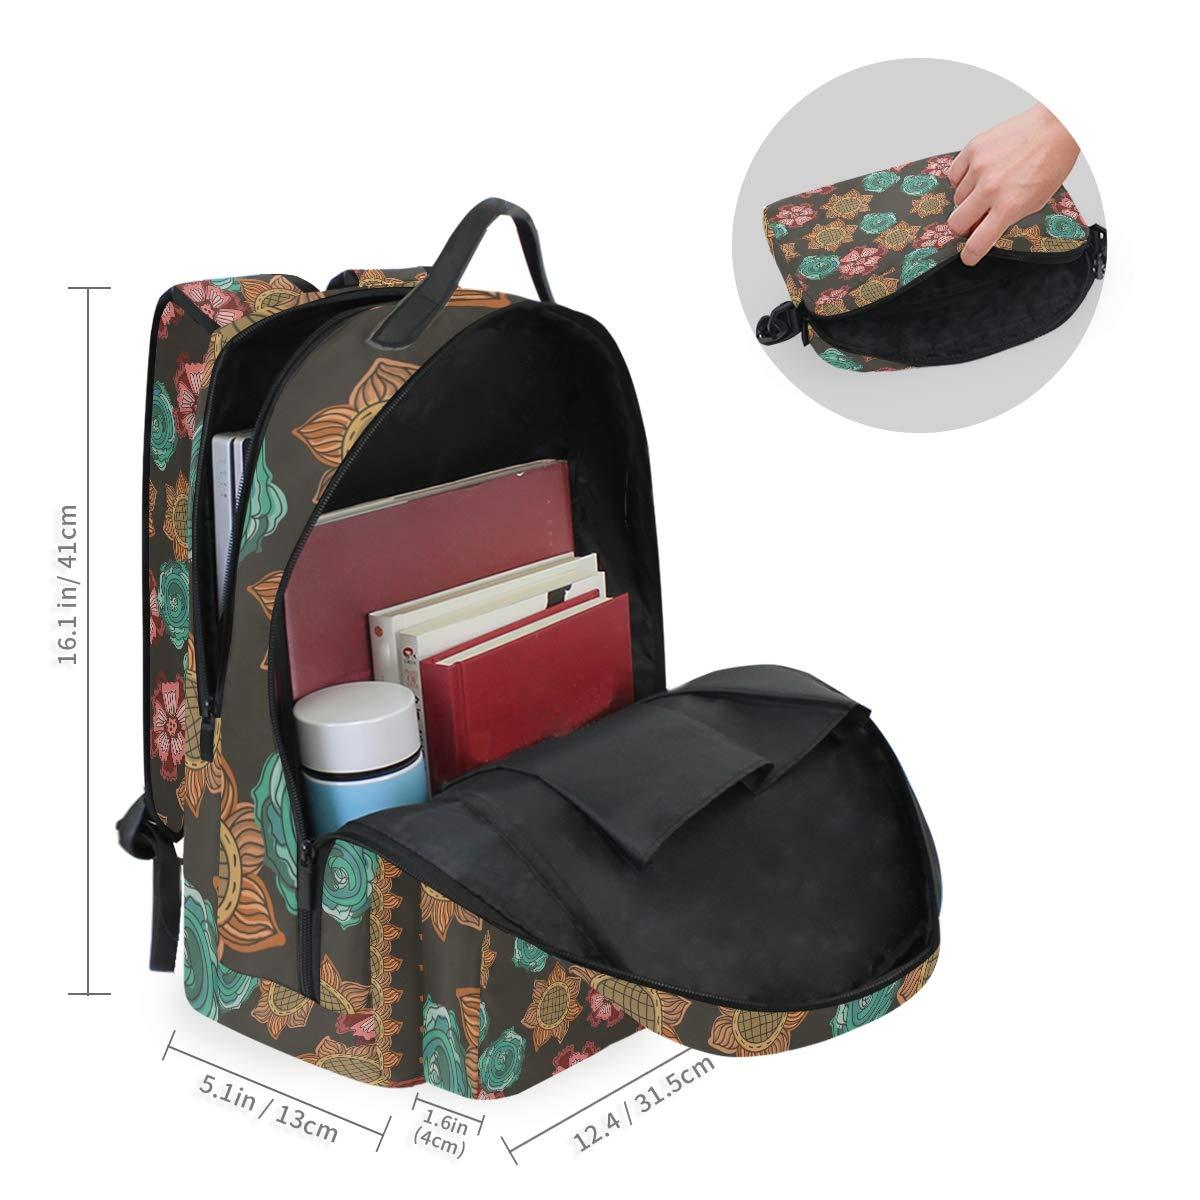 Sunflower Daisy Floral Shoulder Backpack Messenger Crossbody Laptop Bag Student Bookbags for Kid Girls Boys